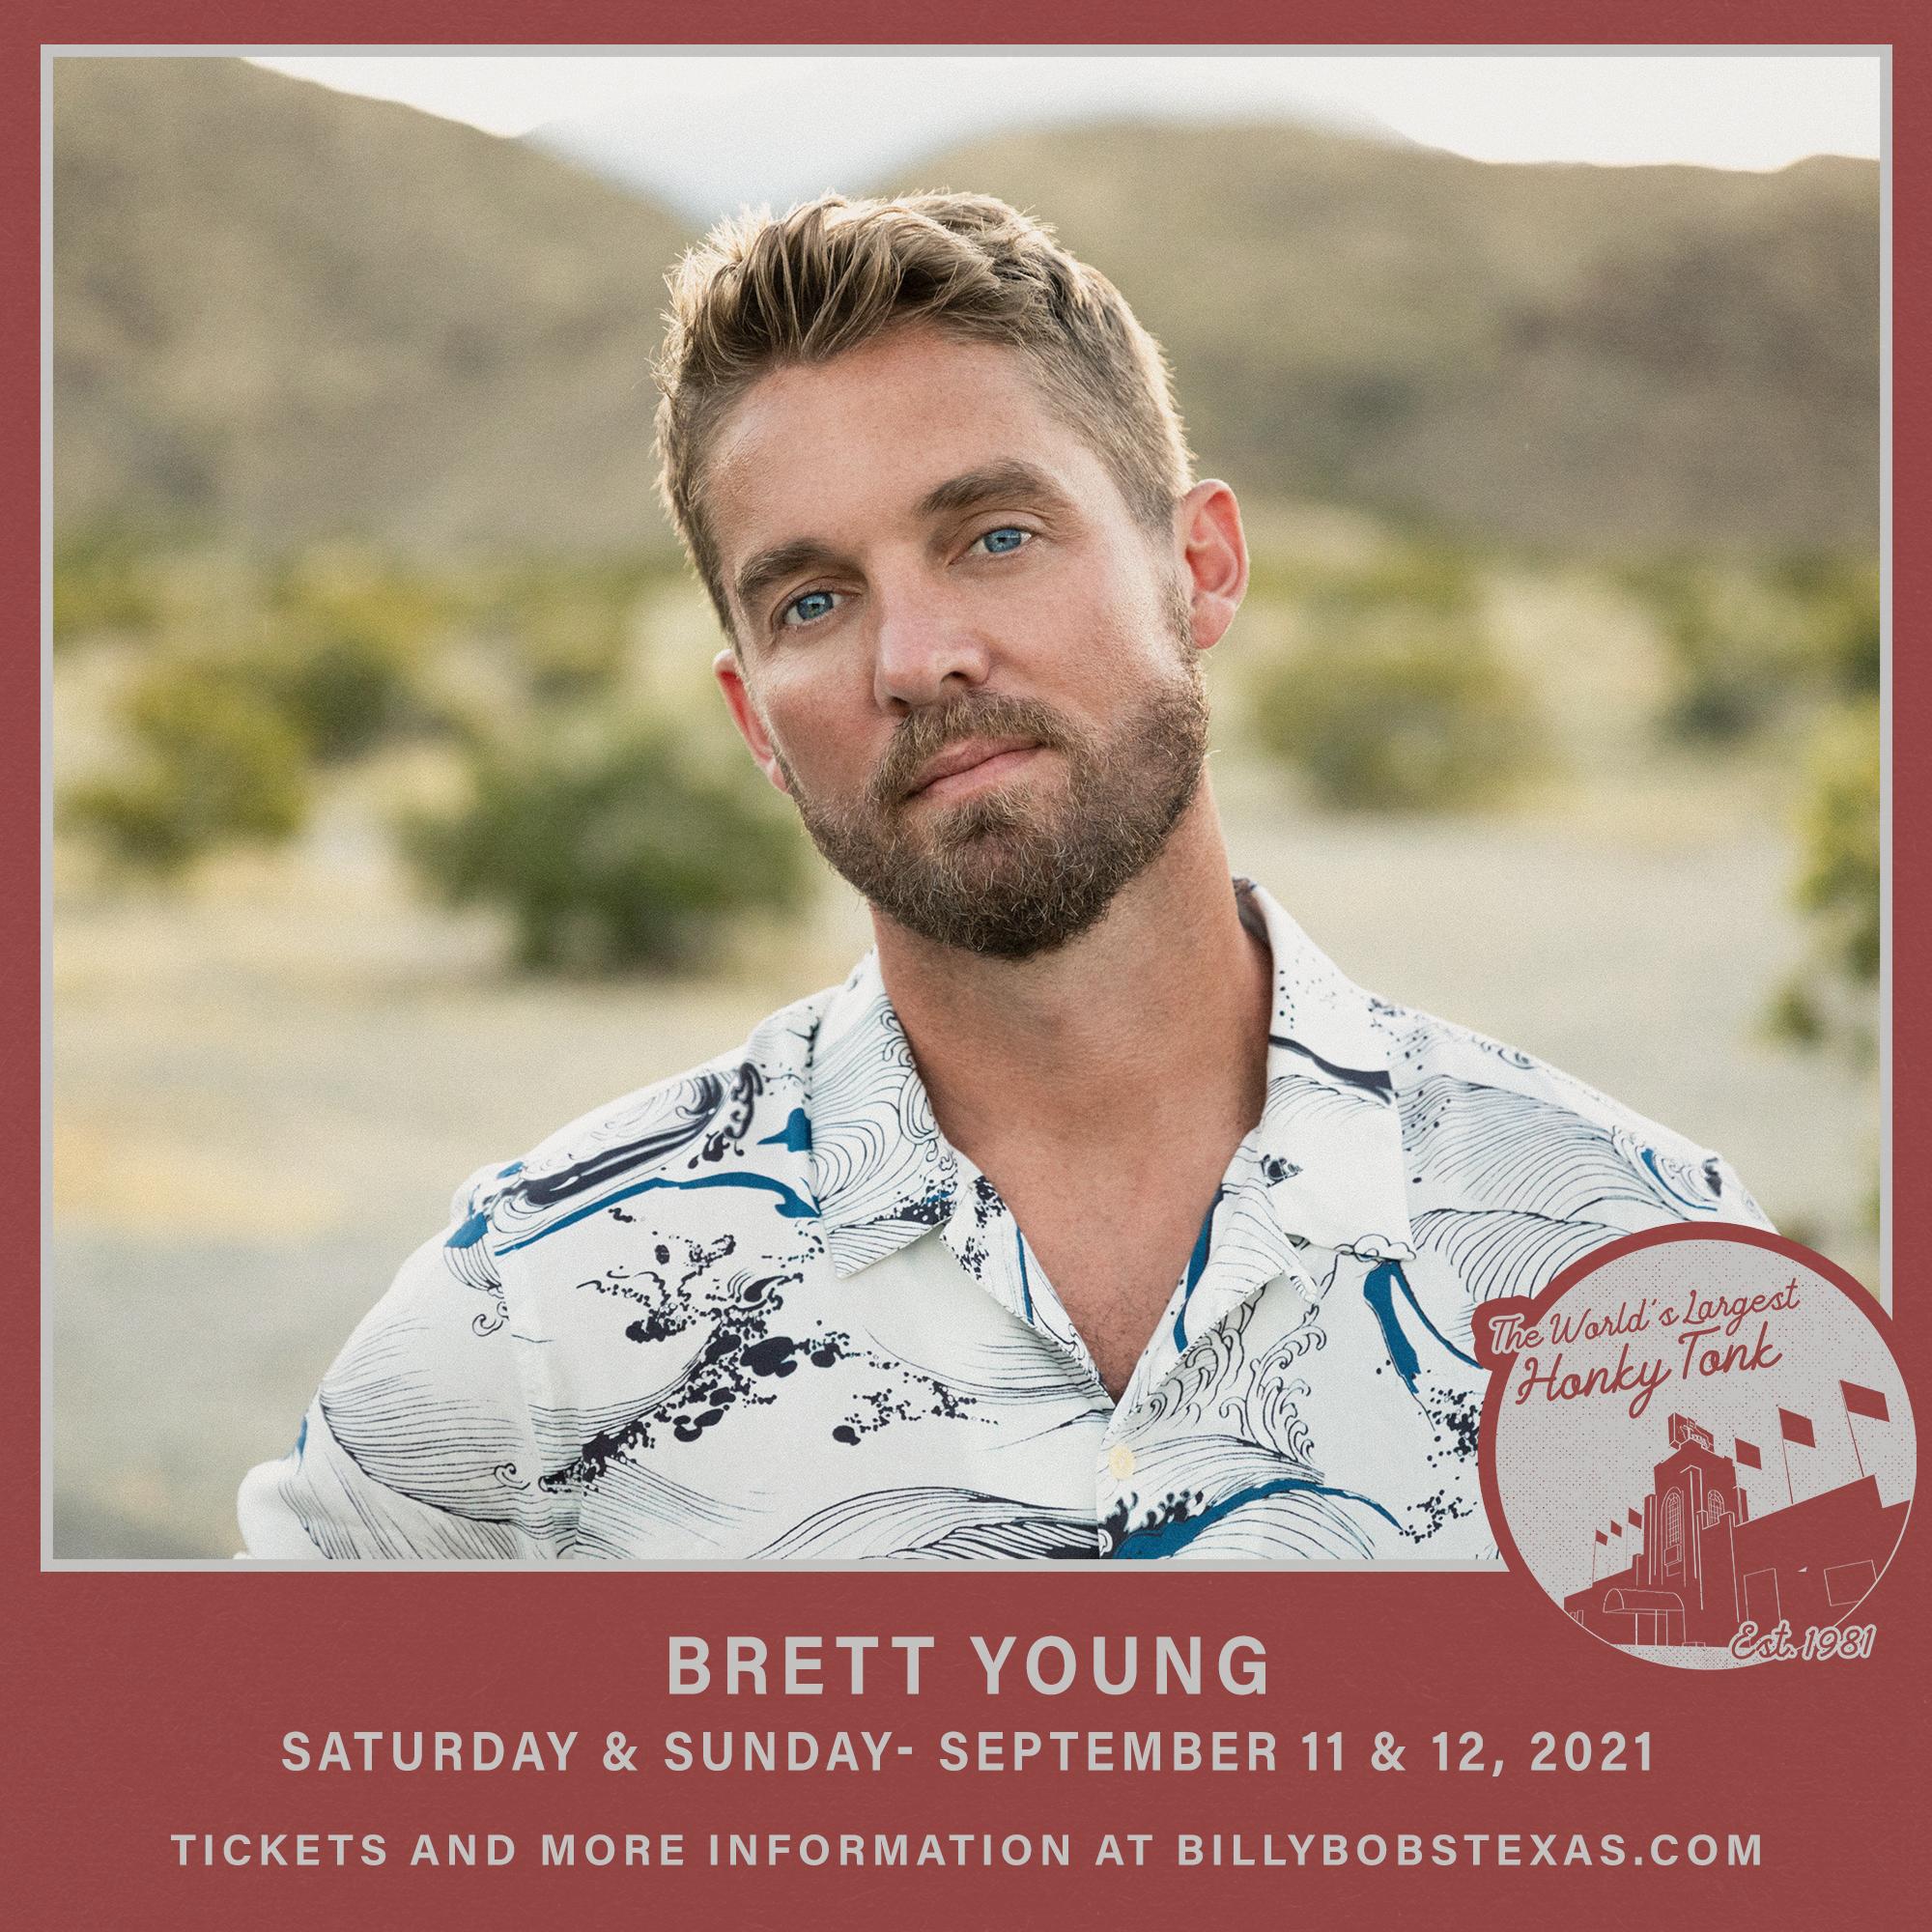 Brett Young | Billy Bob's Texas, September 11 & 12